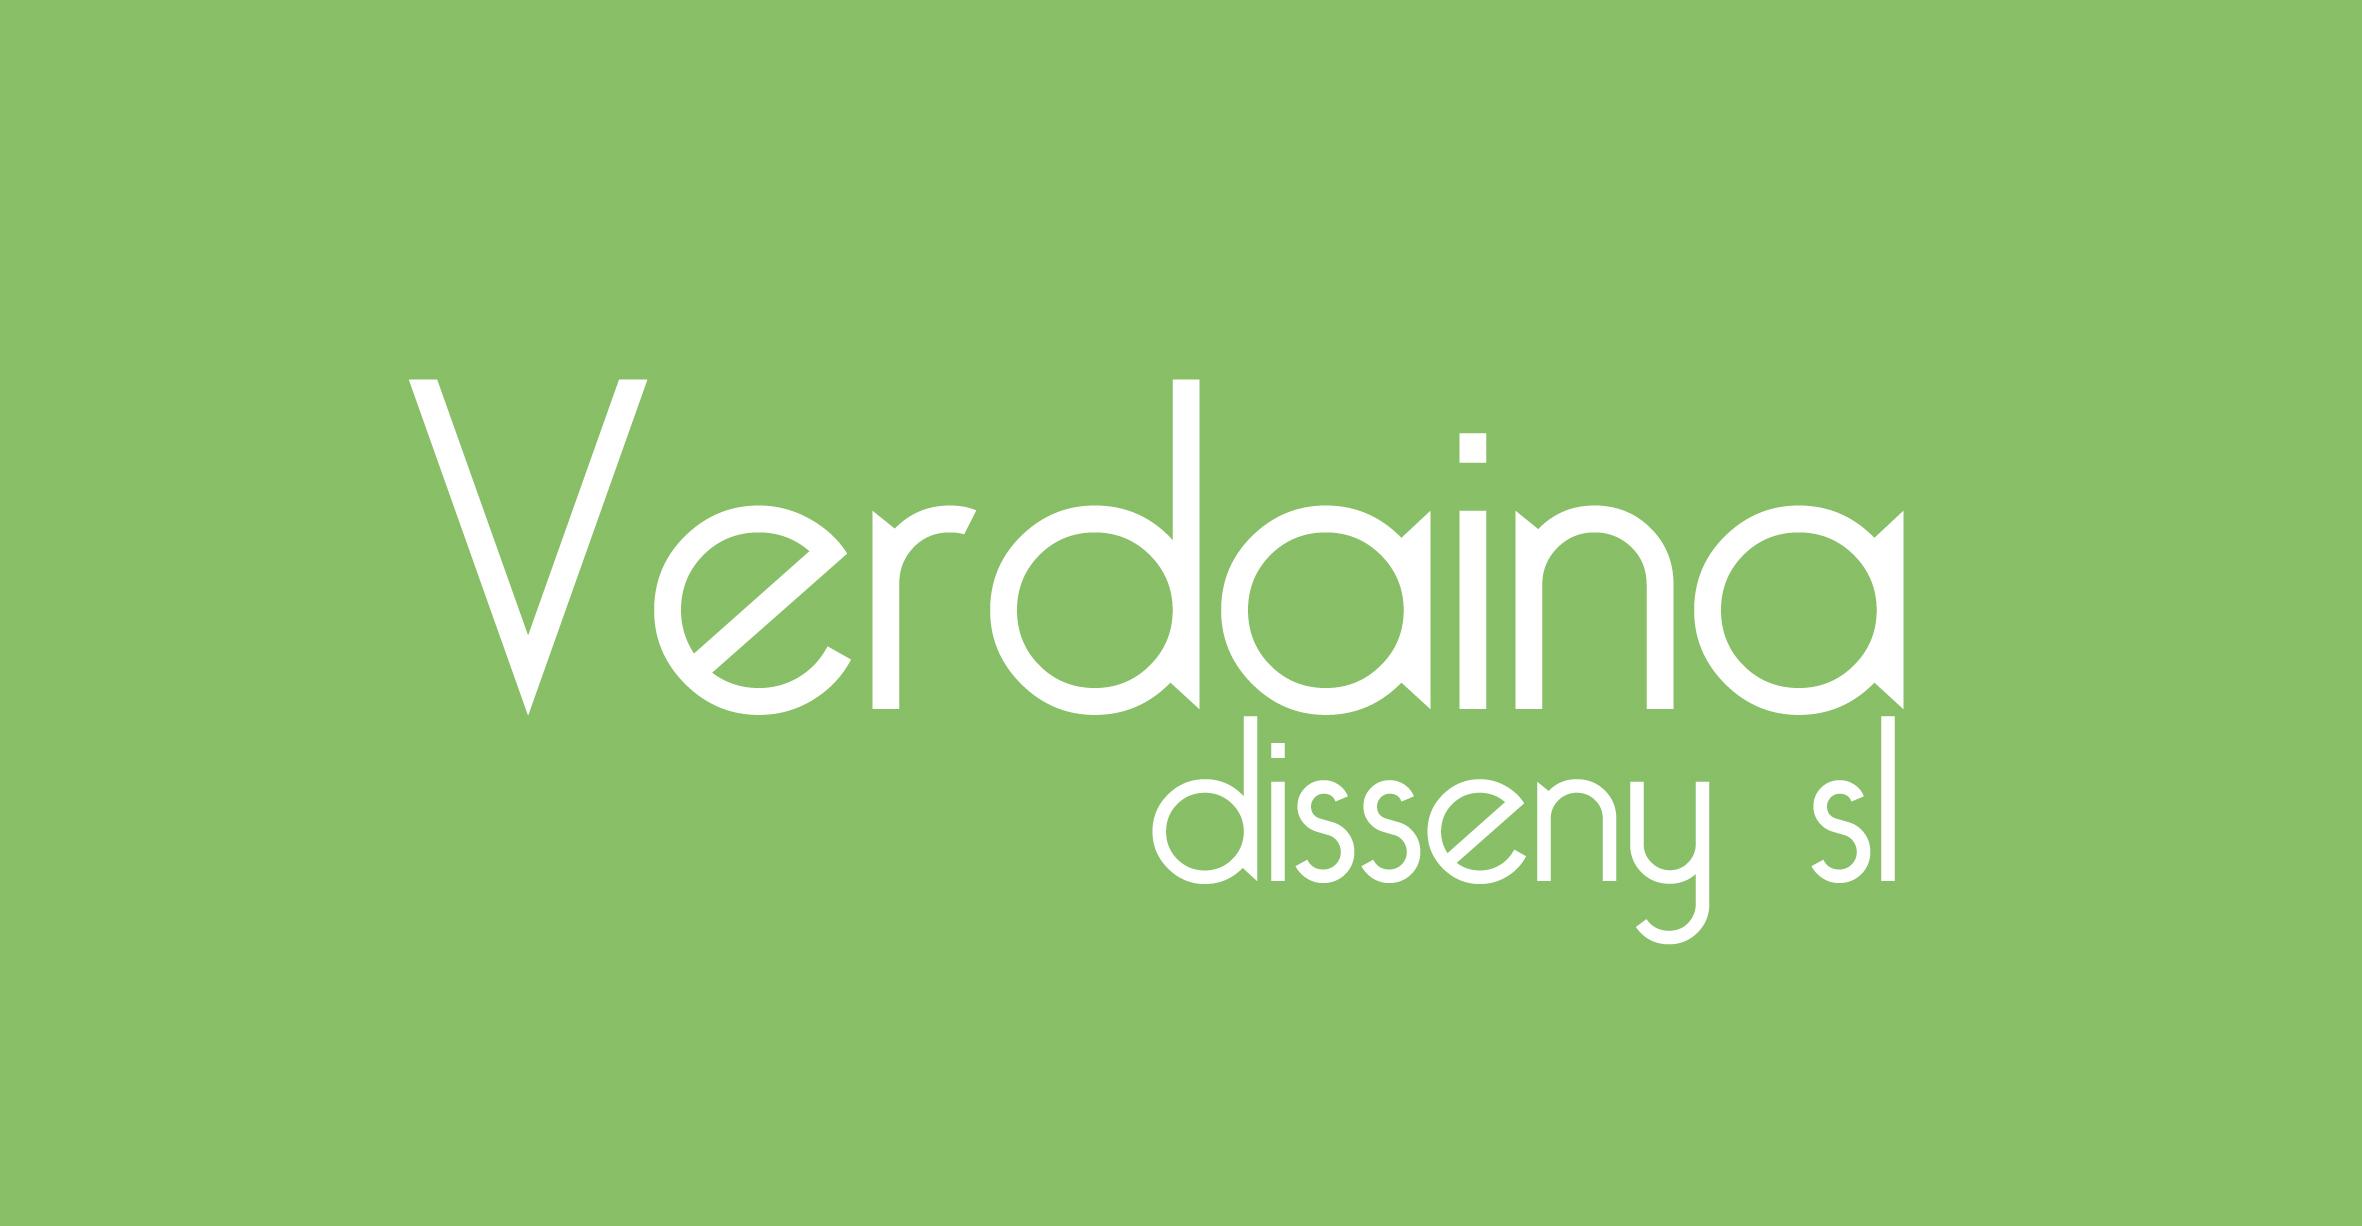 Verdaina Disseny Sl